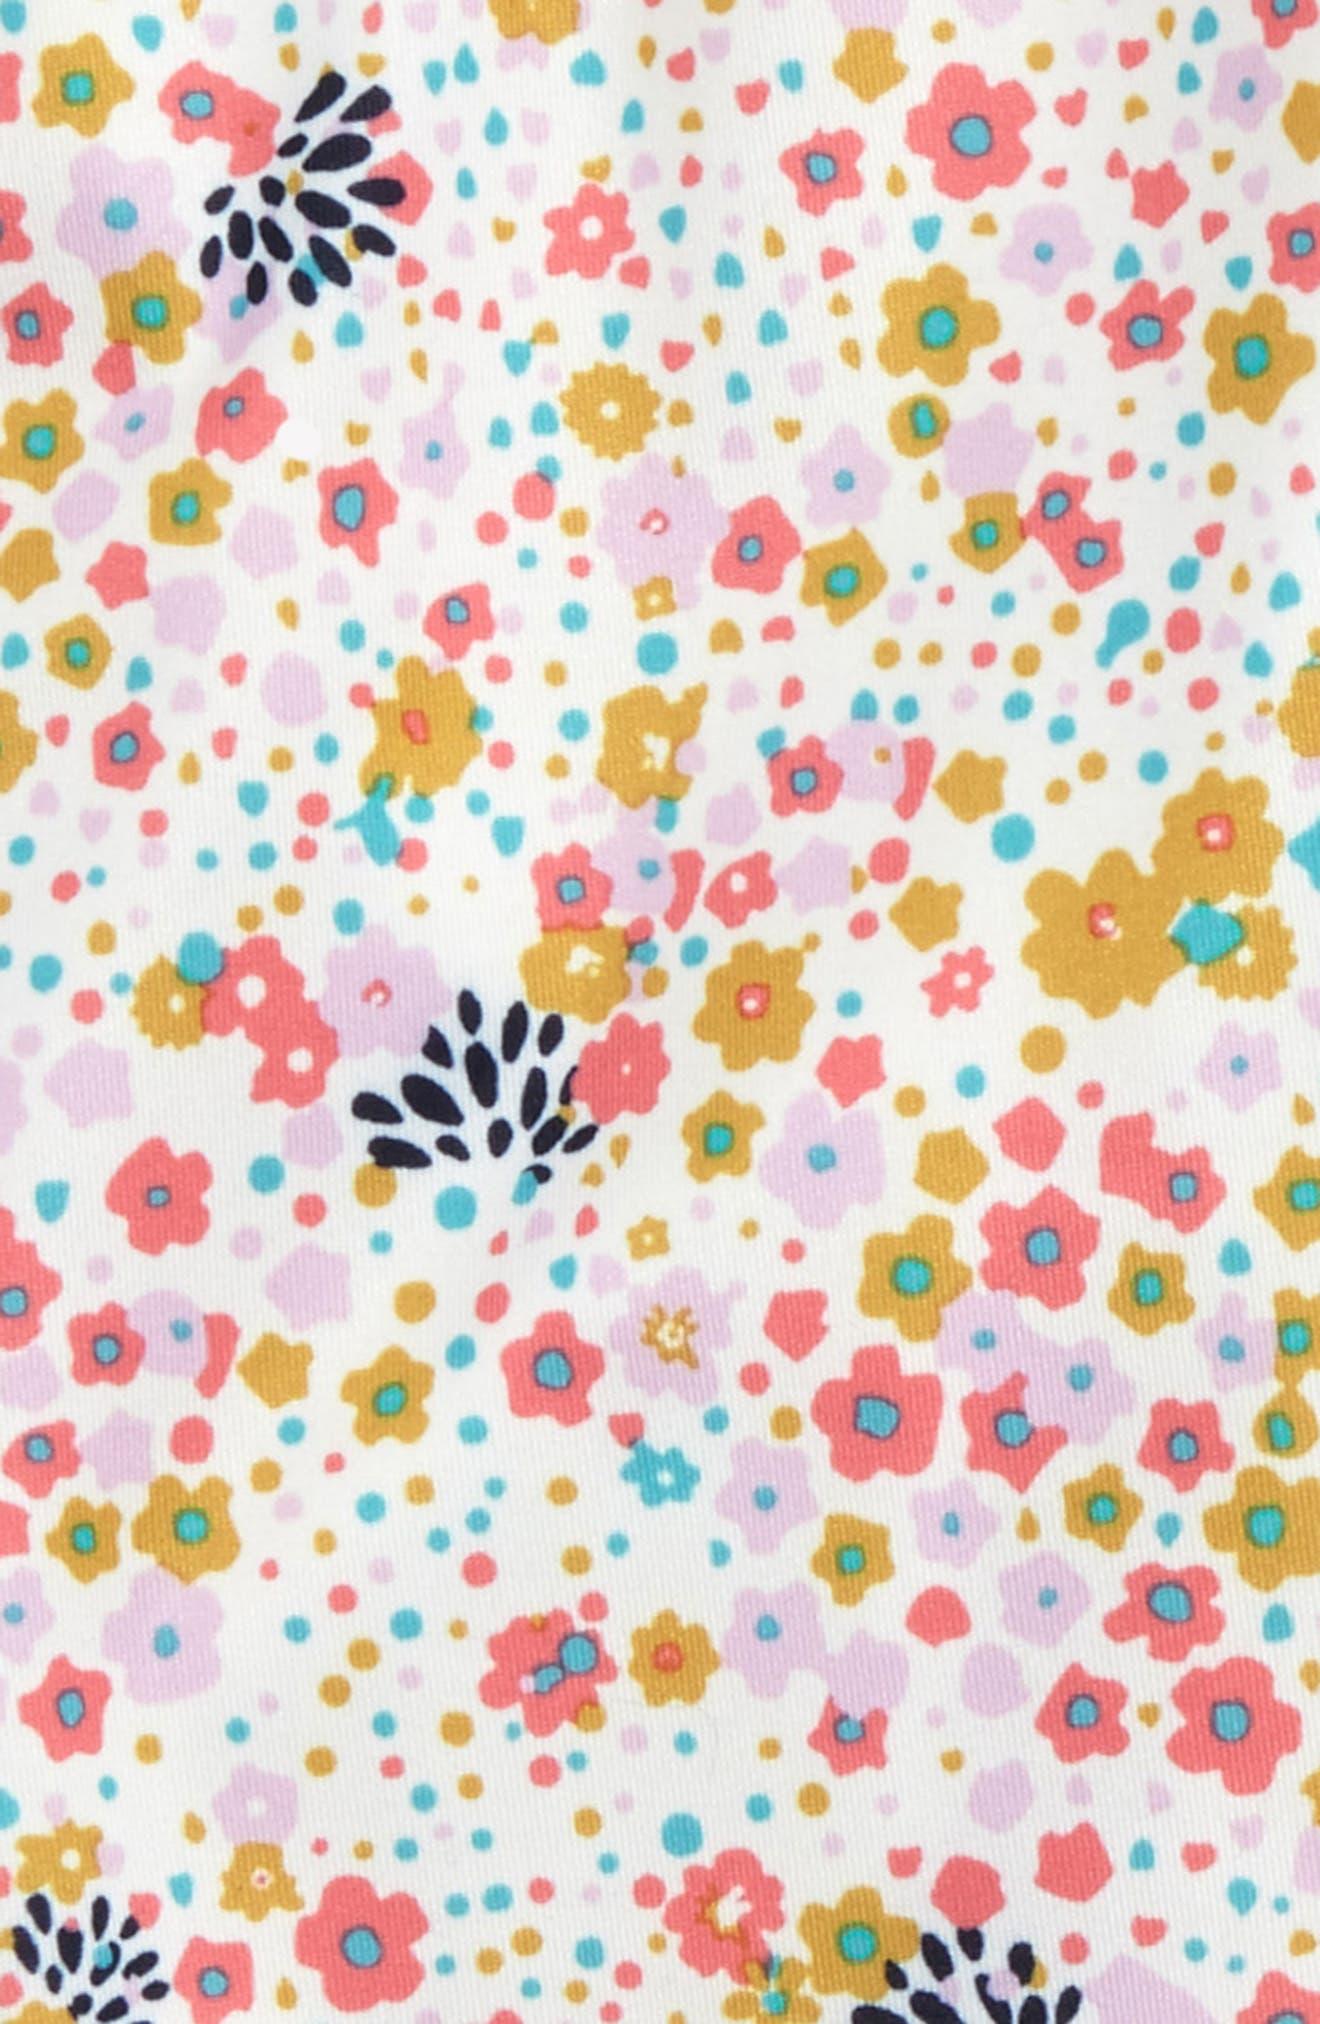 Capilene Print Leggings,                             Alternate thumbnail 2, color,                             Flurry Floral:Birch White